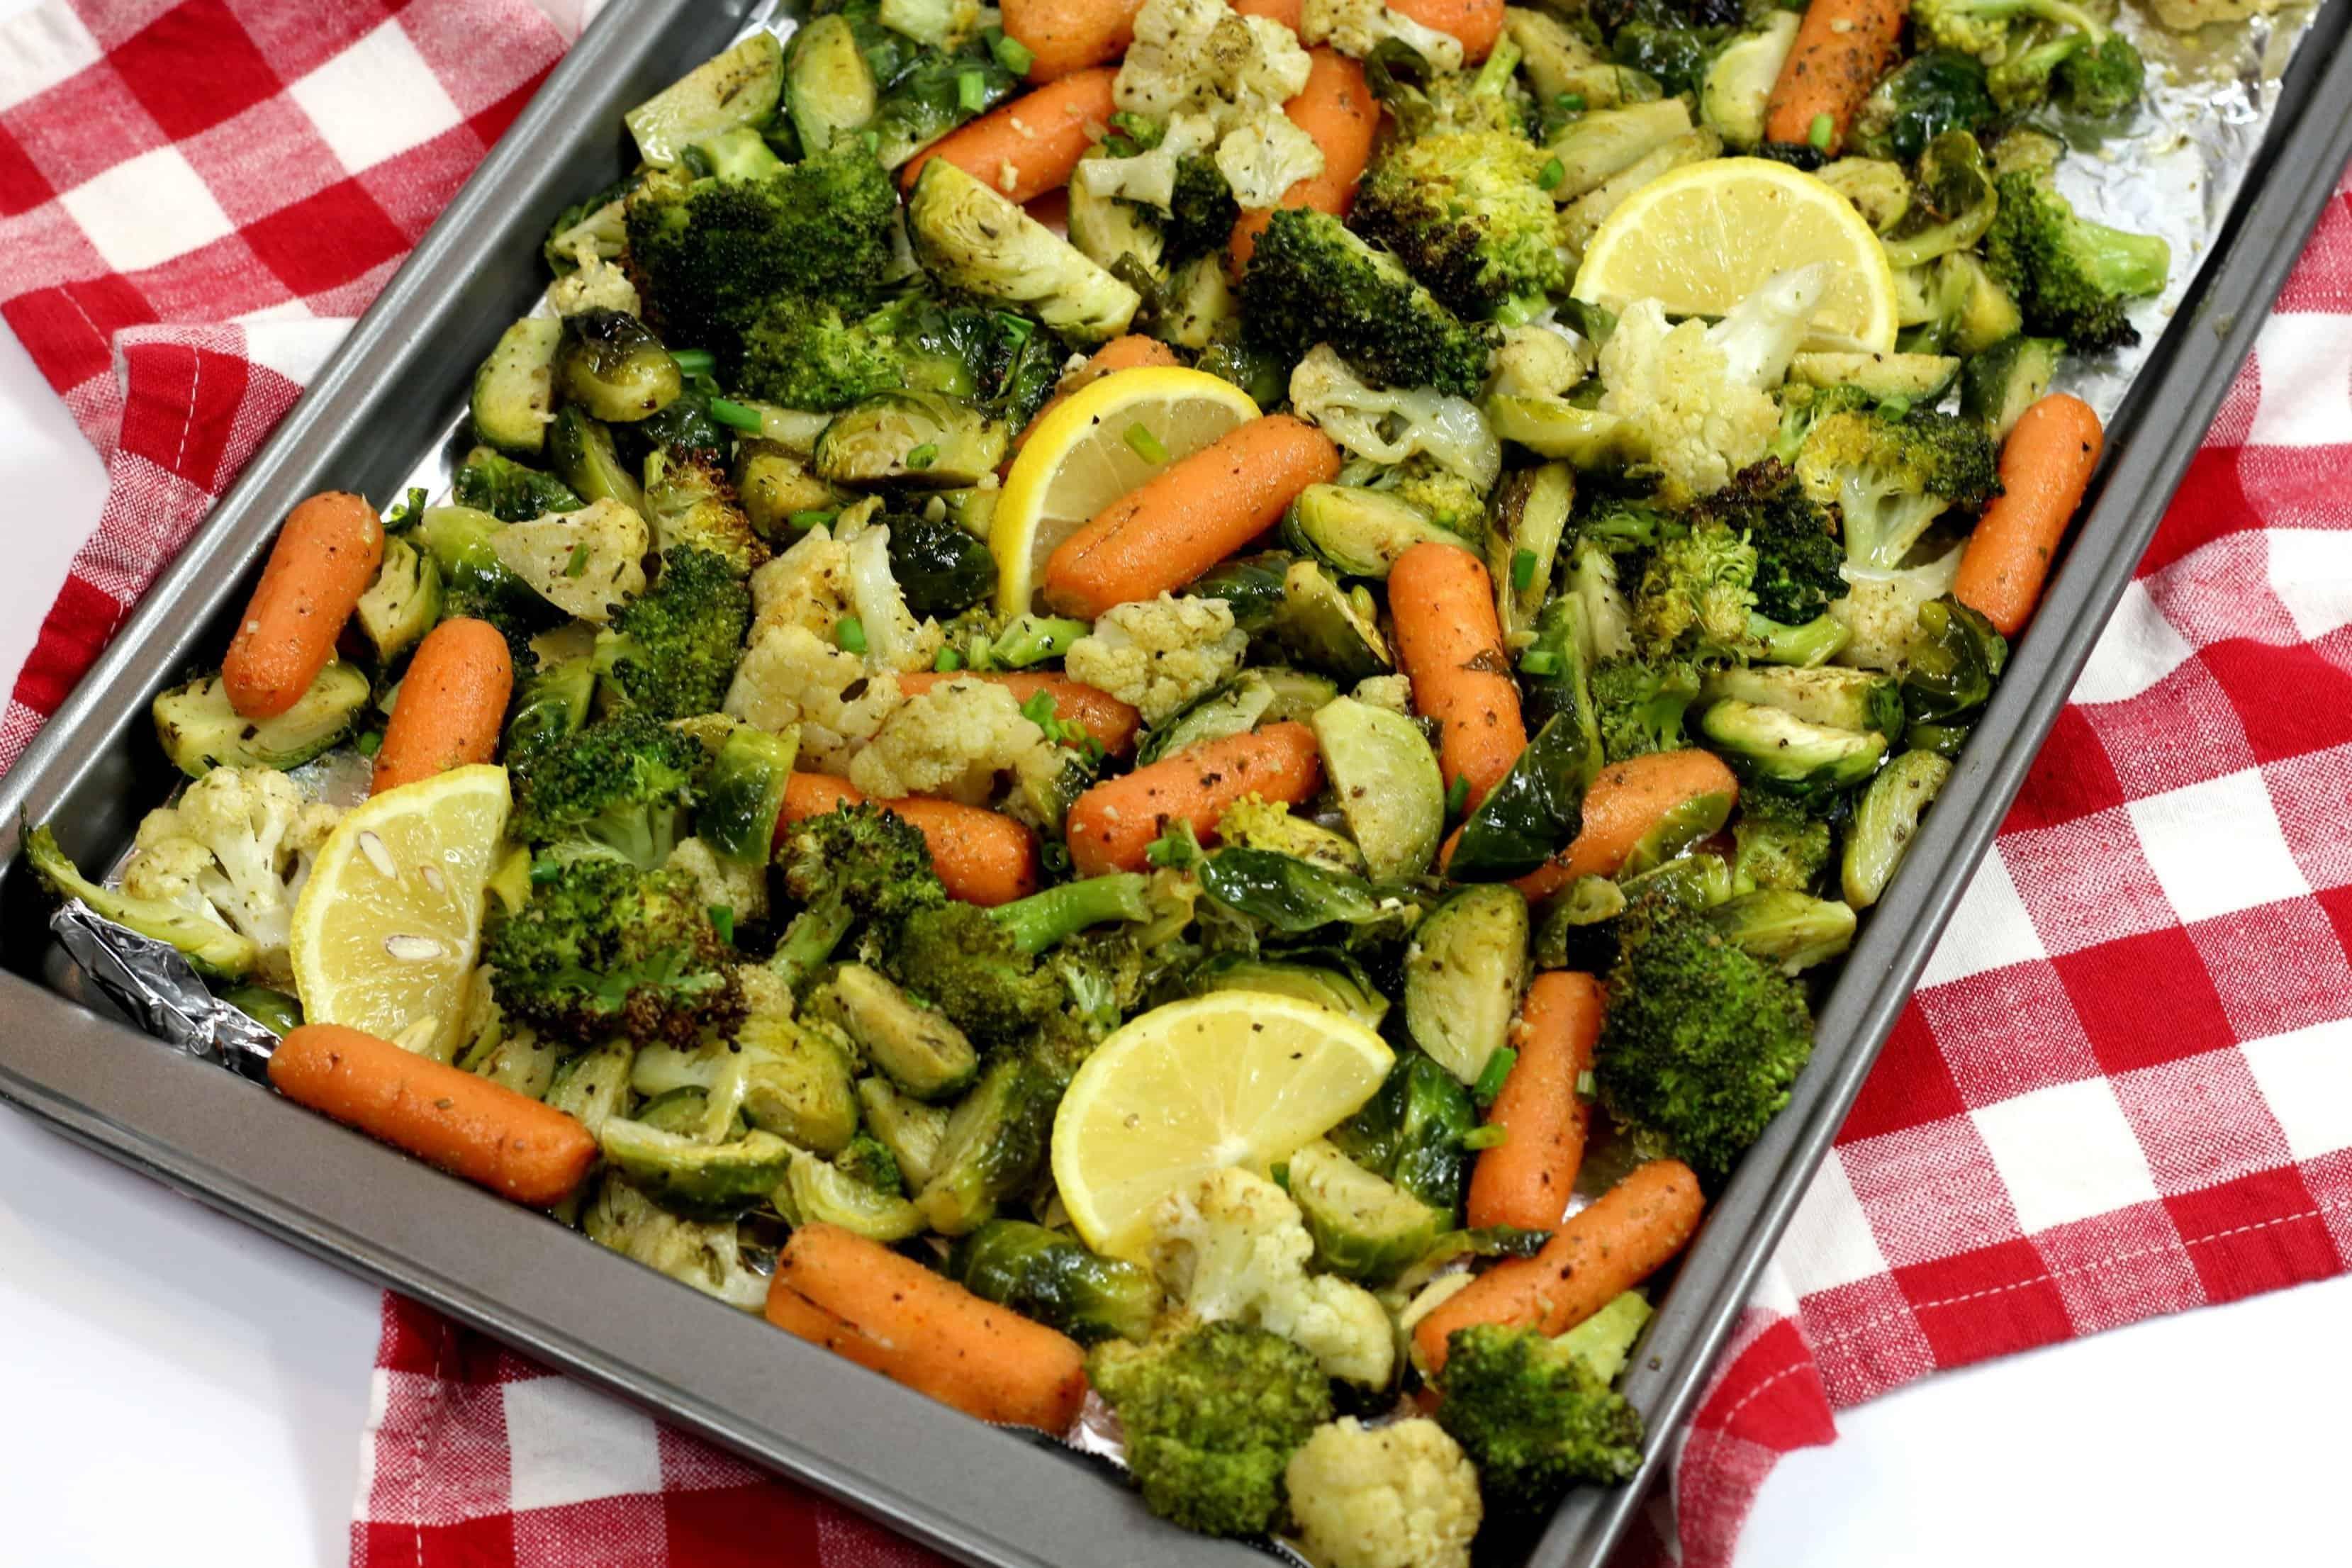 pan roasted vegetables